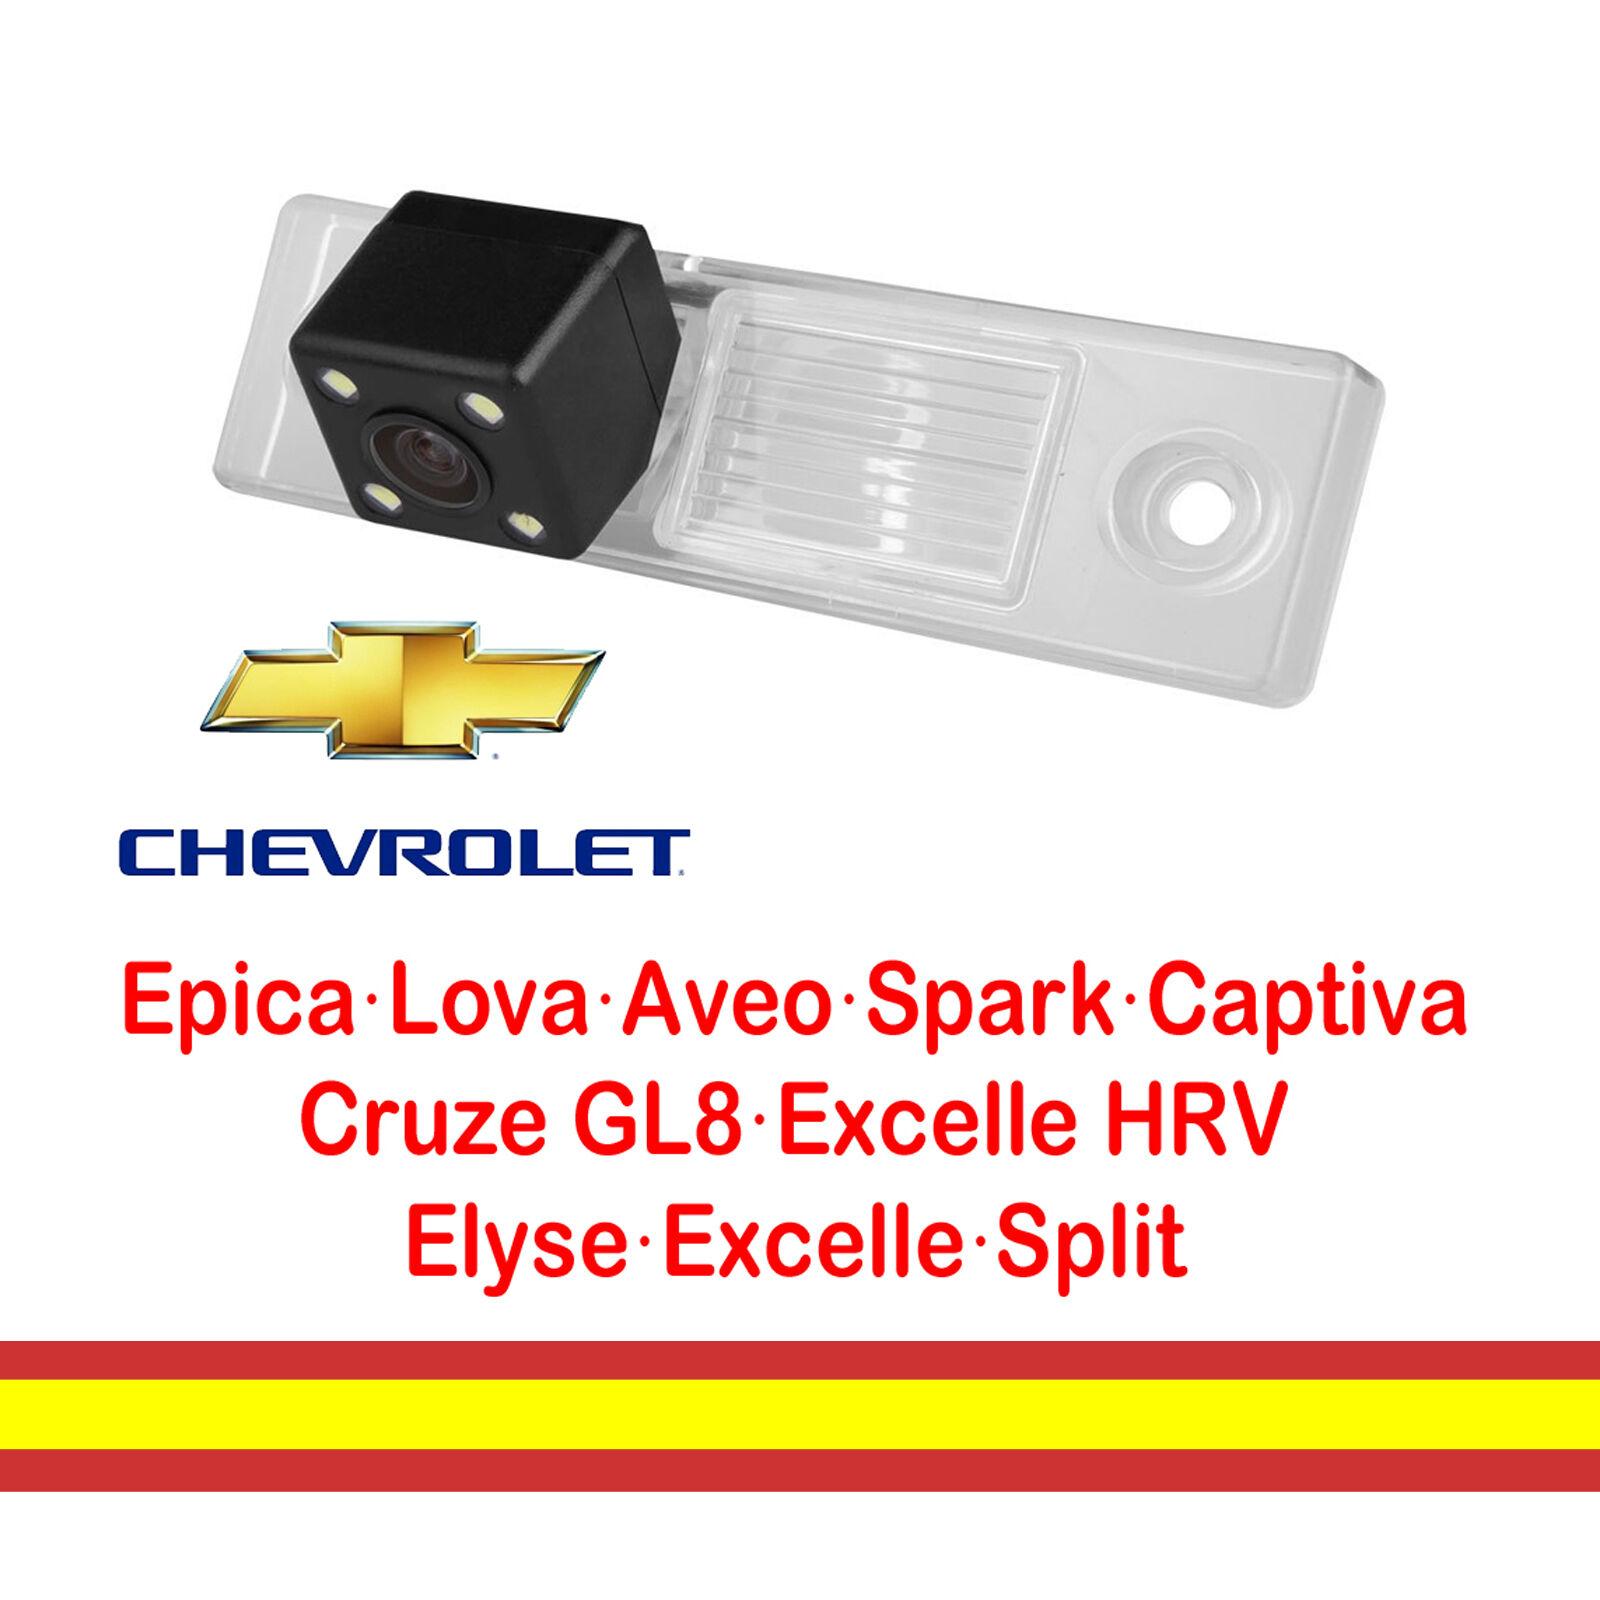 s l1600 - Camara para modelos Chevrolet Aparcamiento Vision trasera 160 grados